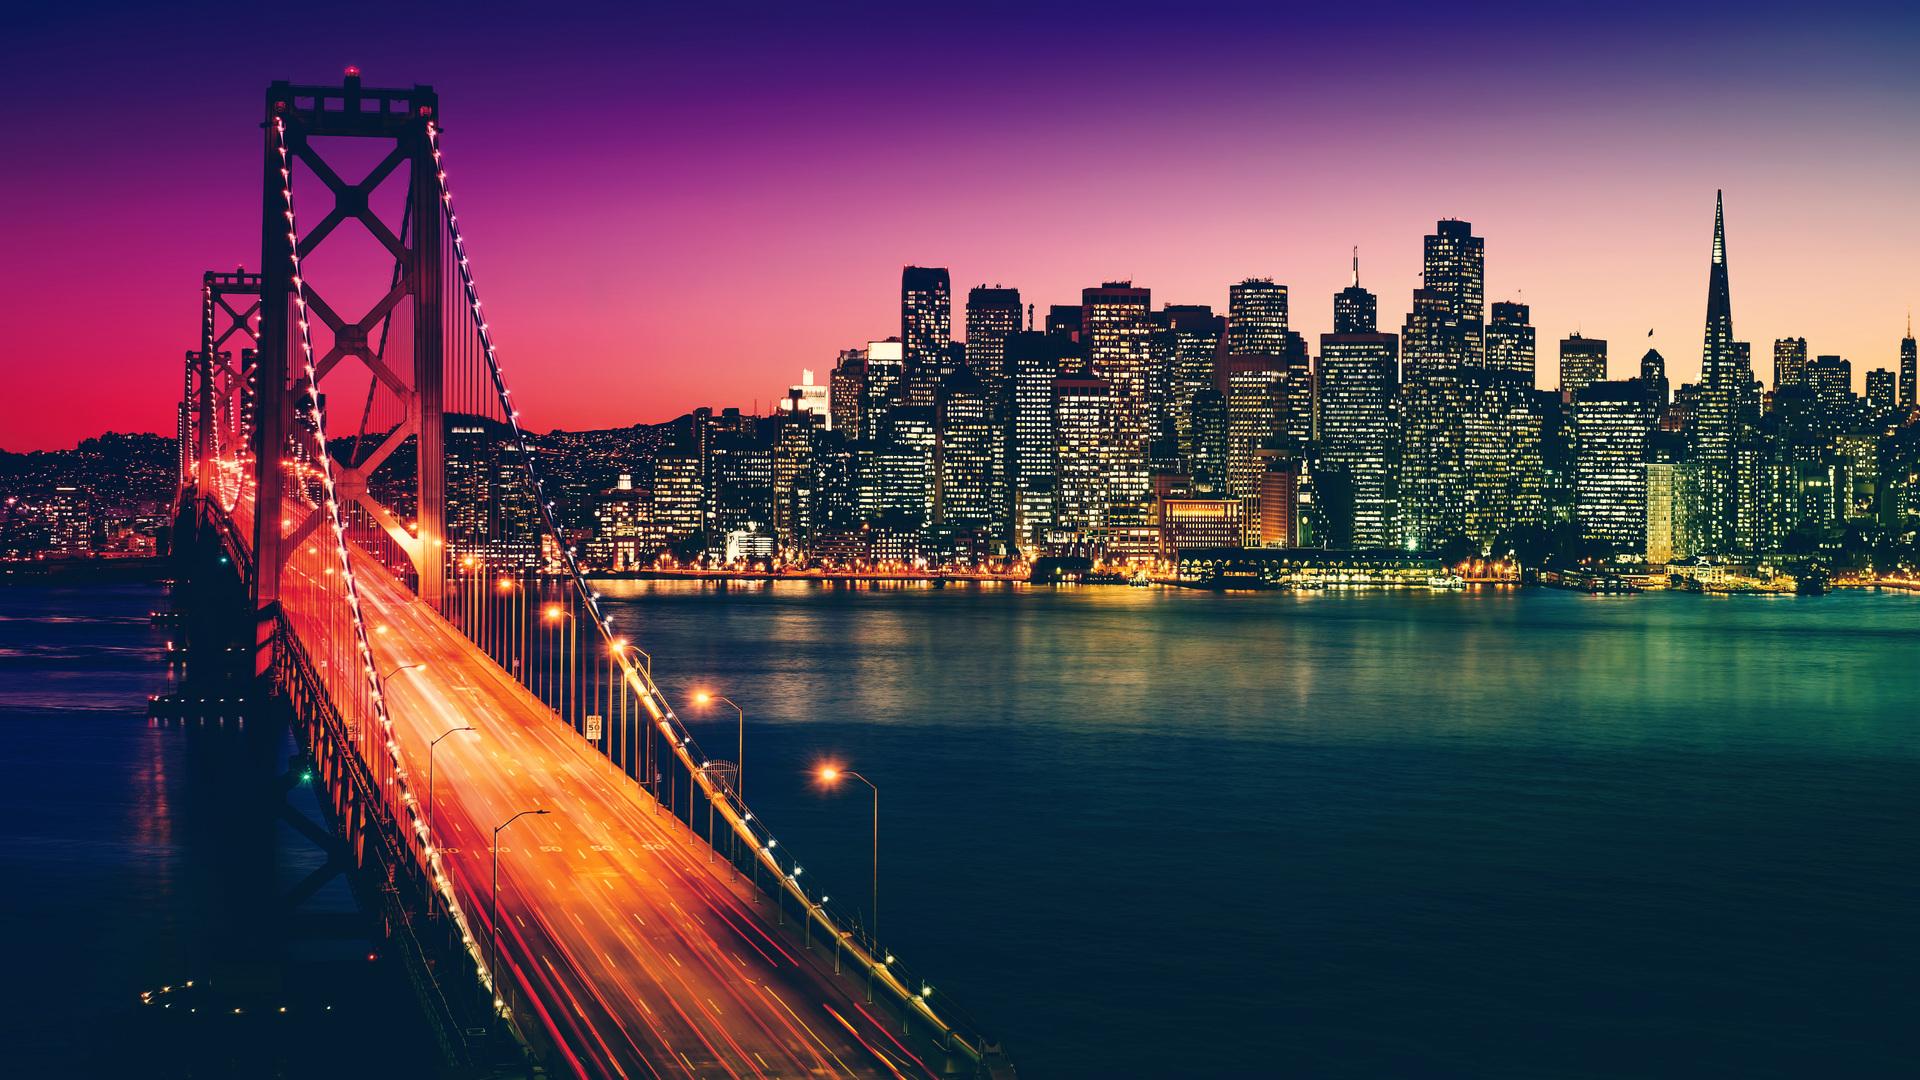 1920x1080 san francisco california cityscape 4k laptop - 1920x1080 wallpaper 4k ...